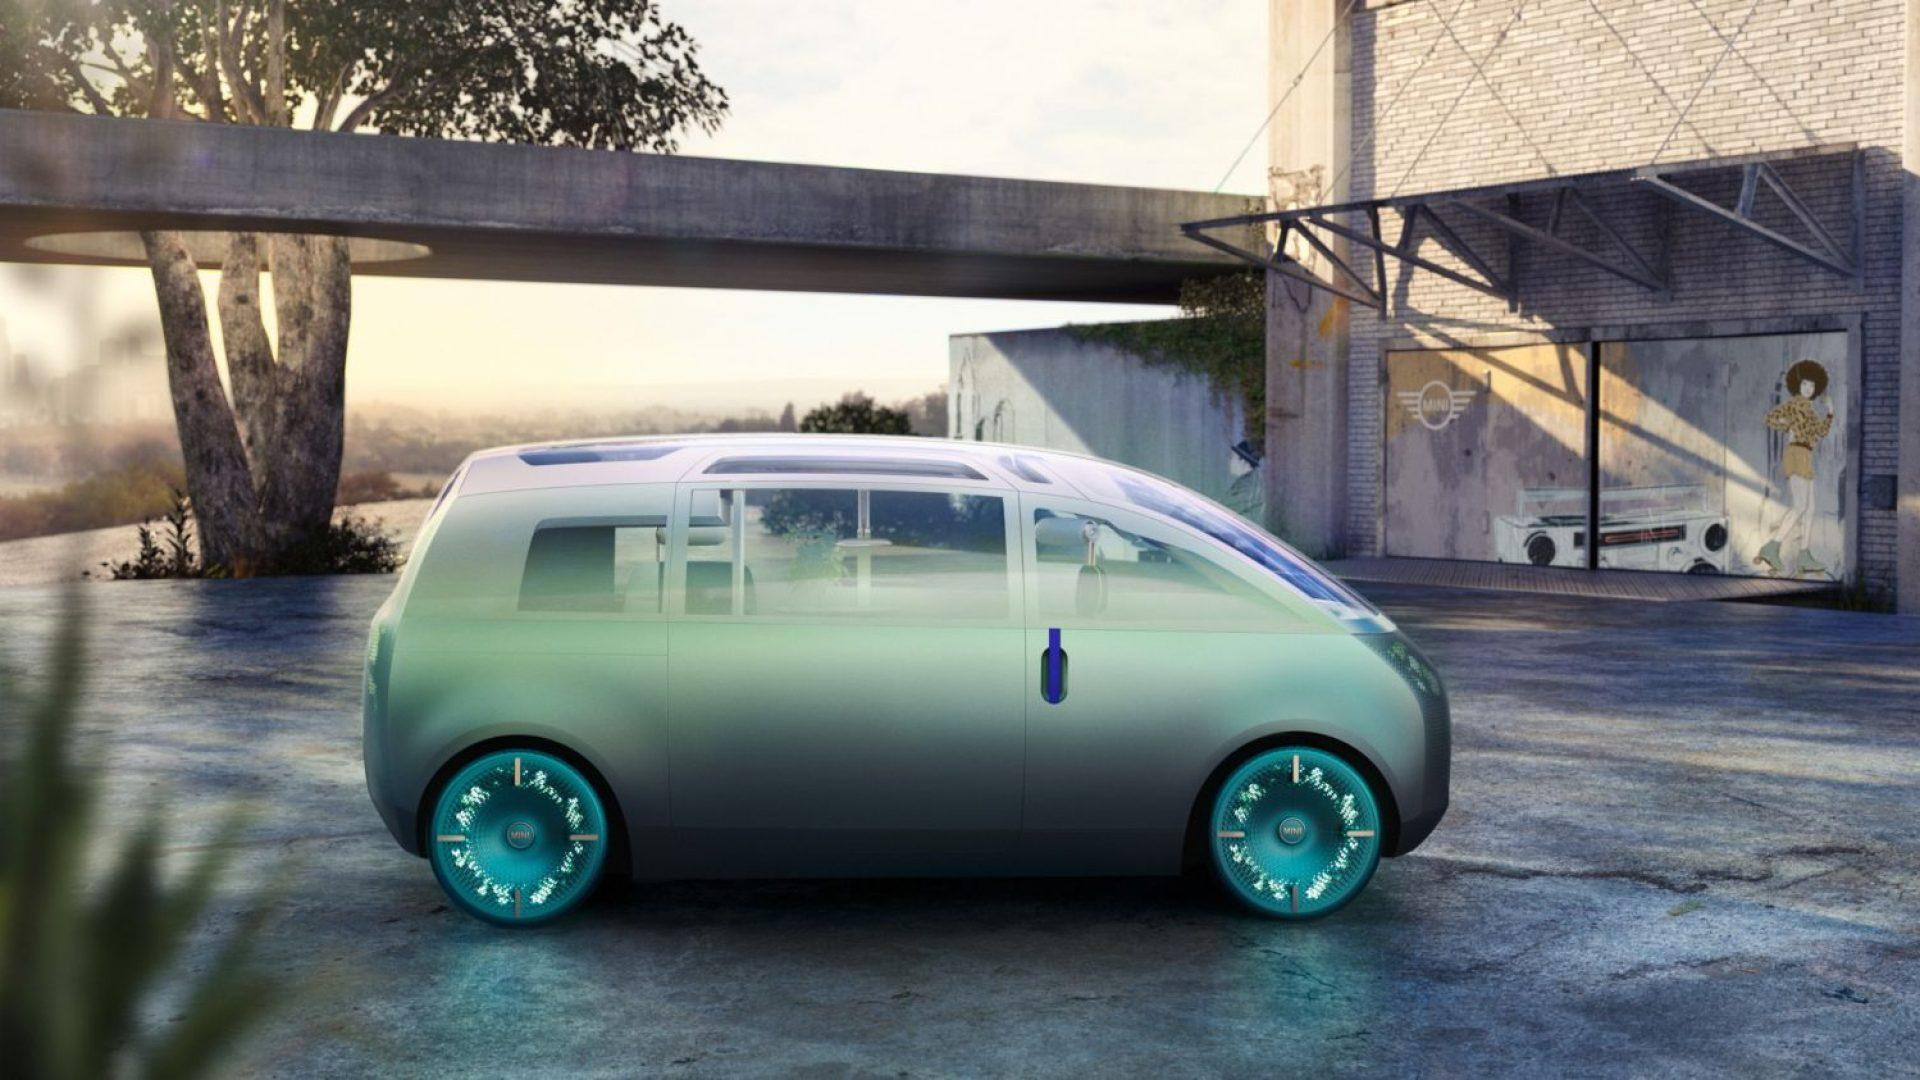 2020-Mini-Vision-Urbanaut-Concept-03